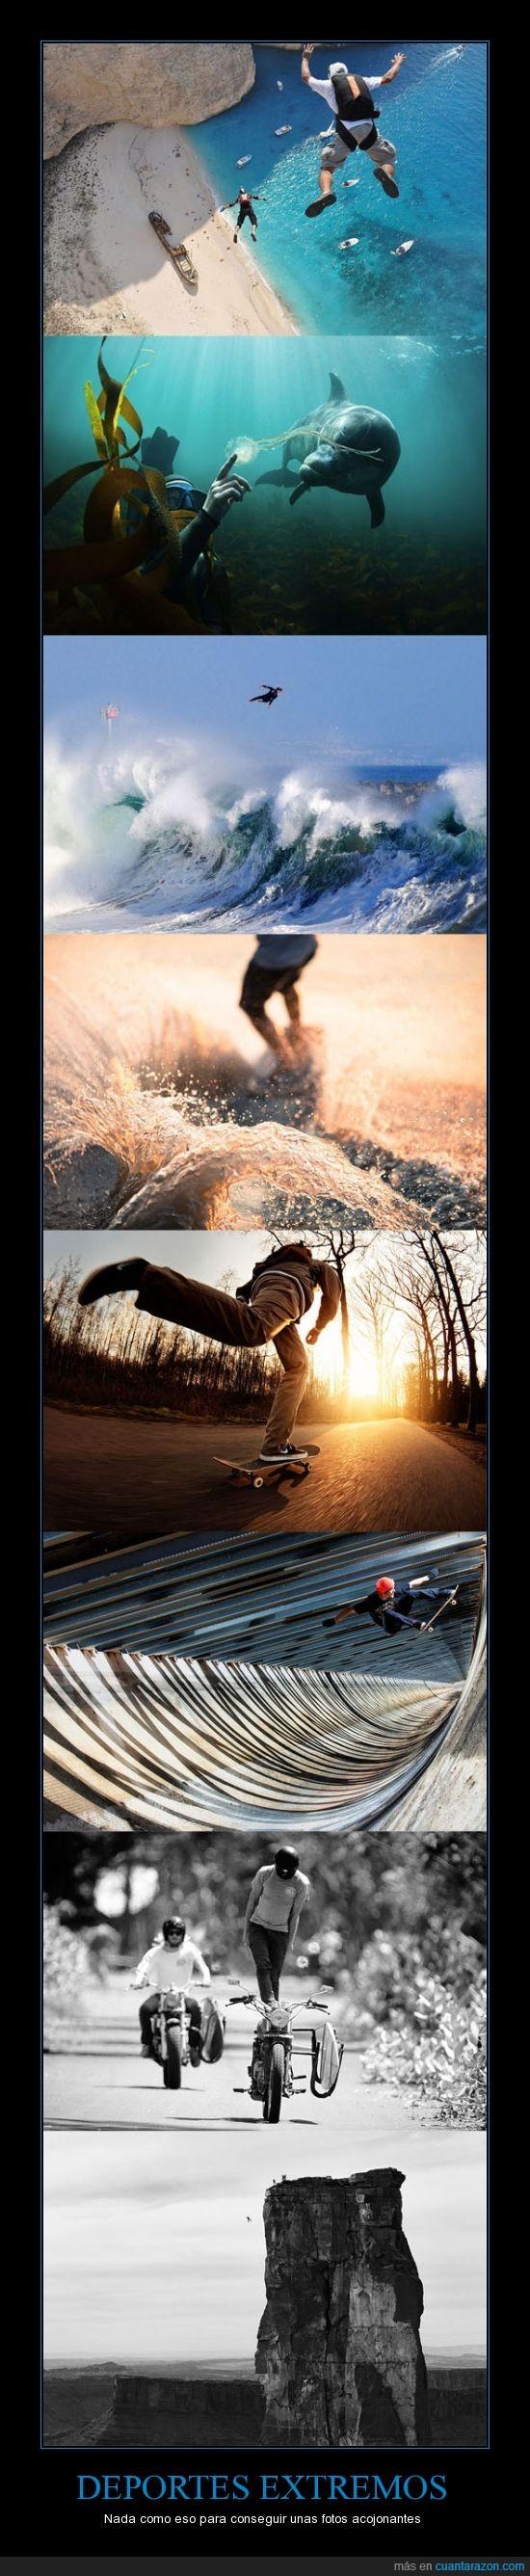 adrenalina,concurso,deporte de riesgo,energía,fotografías,redbull,velocidad